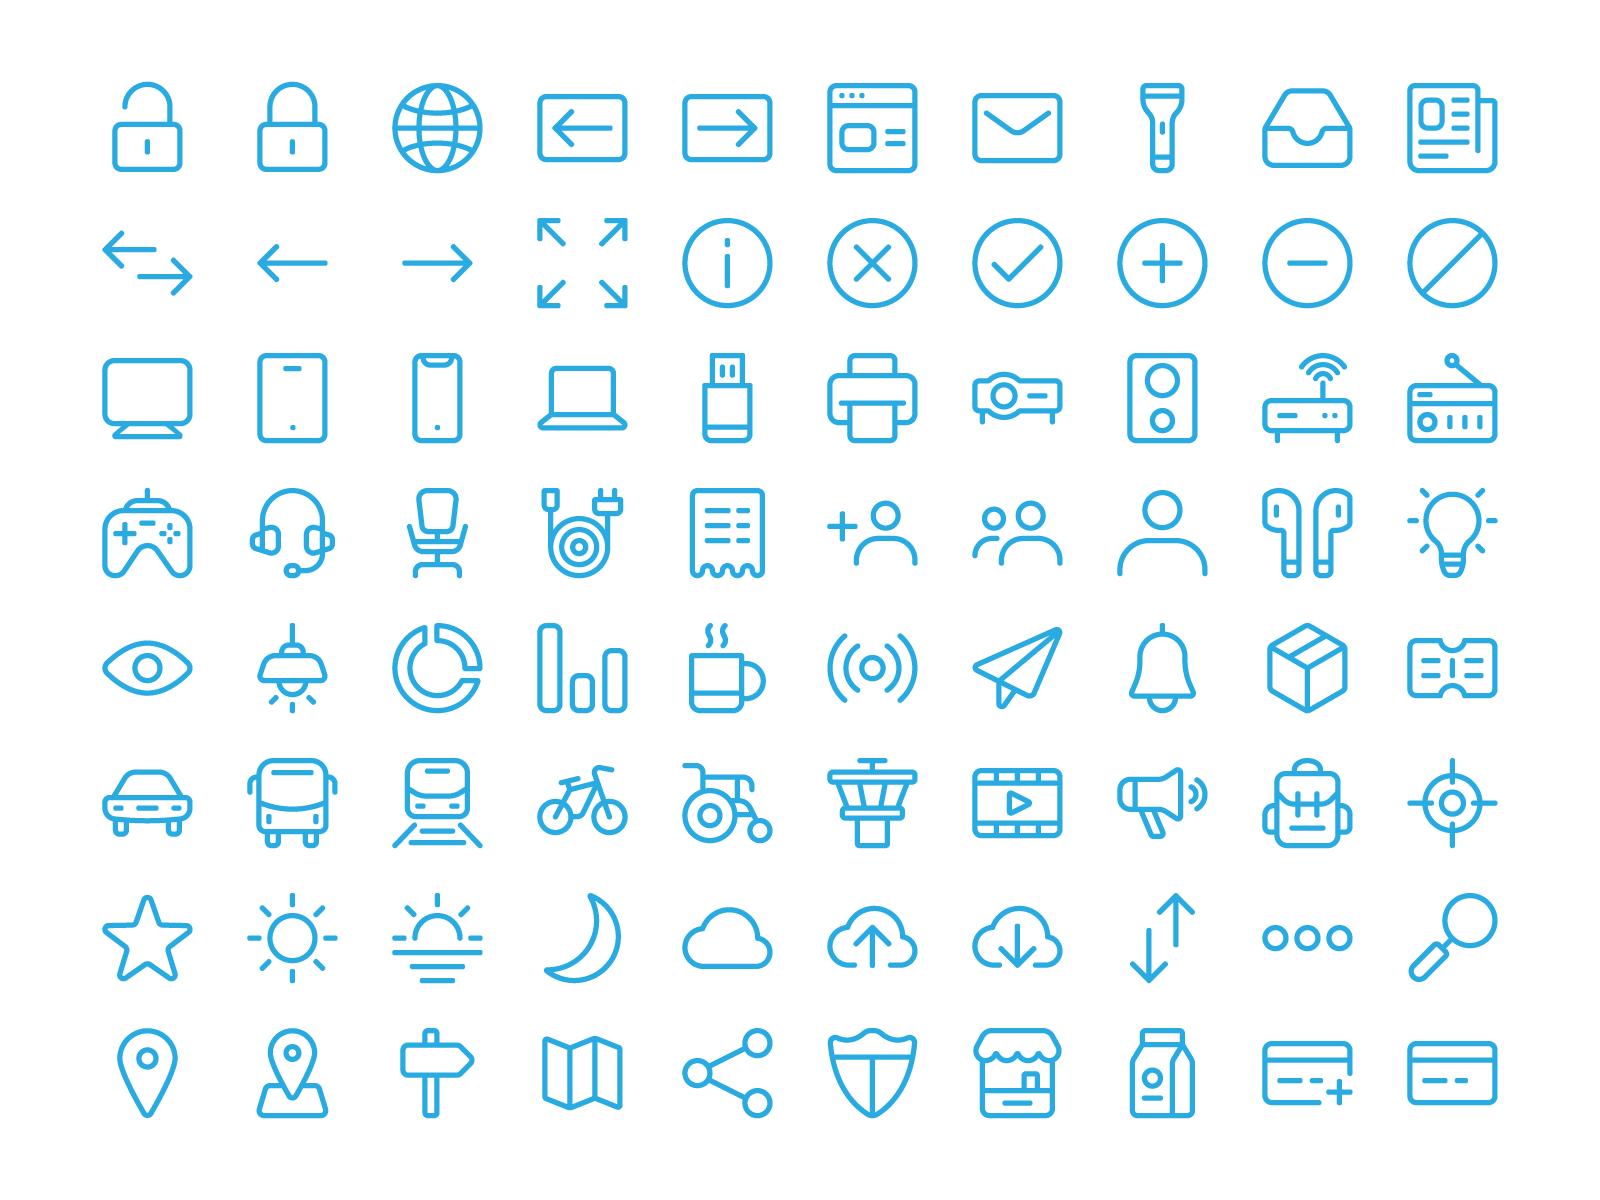 100 free icon set